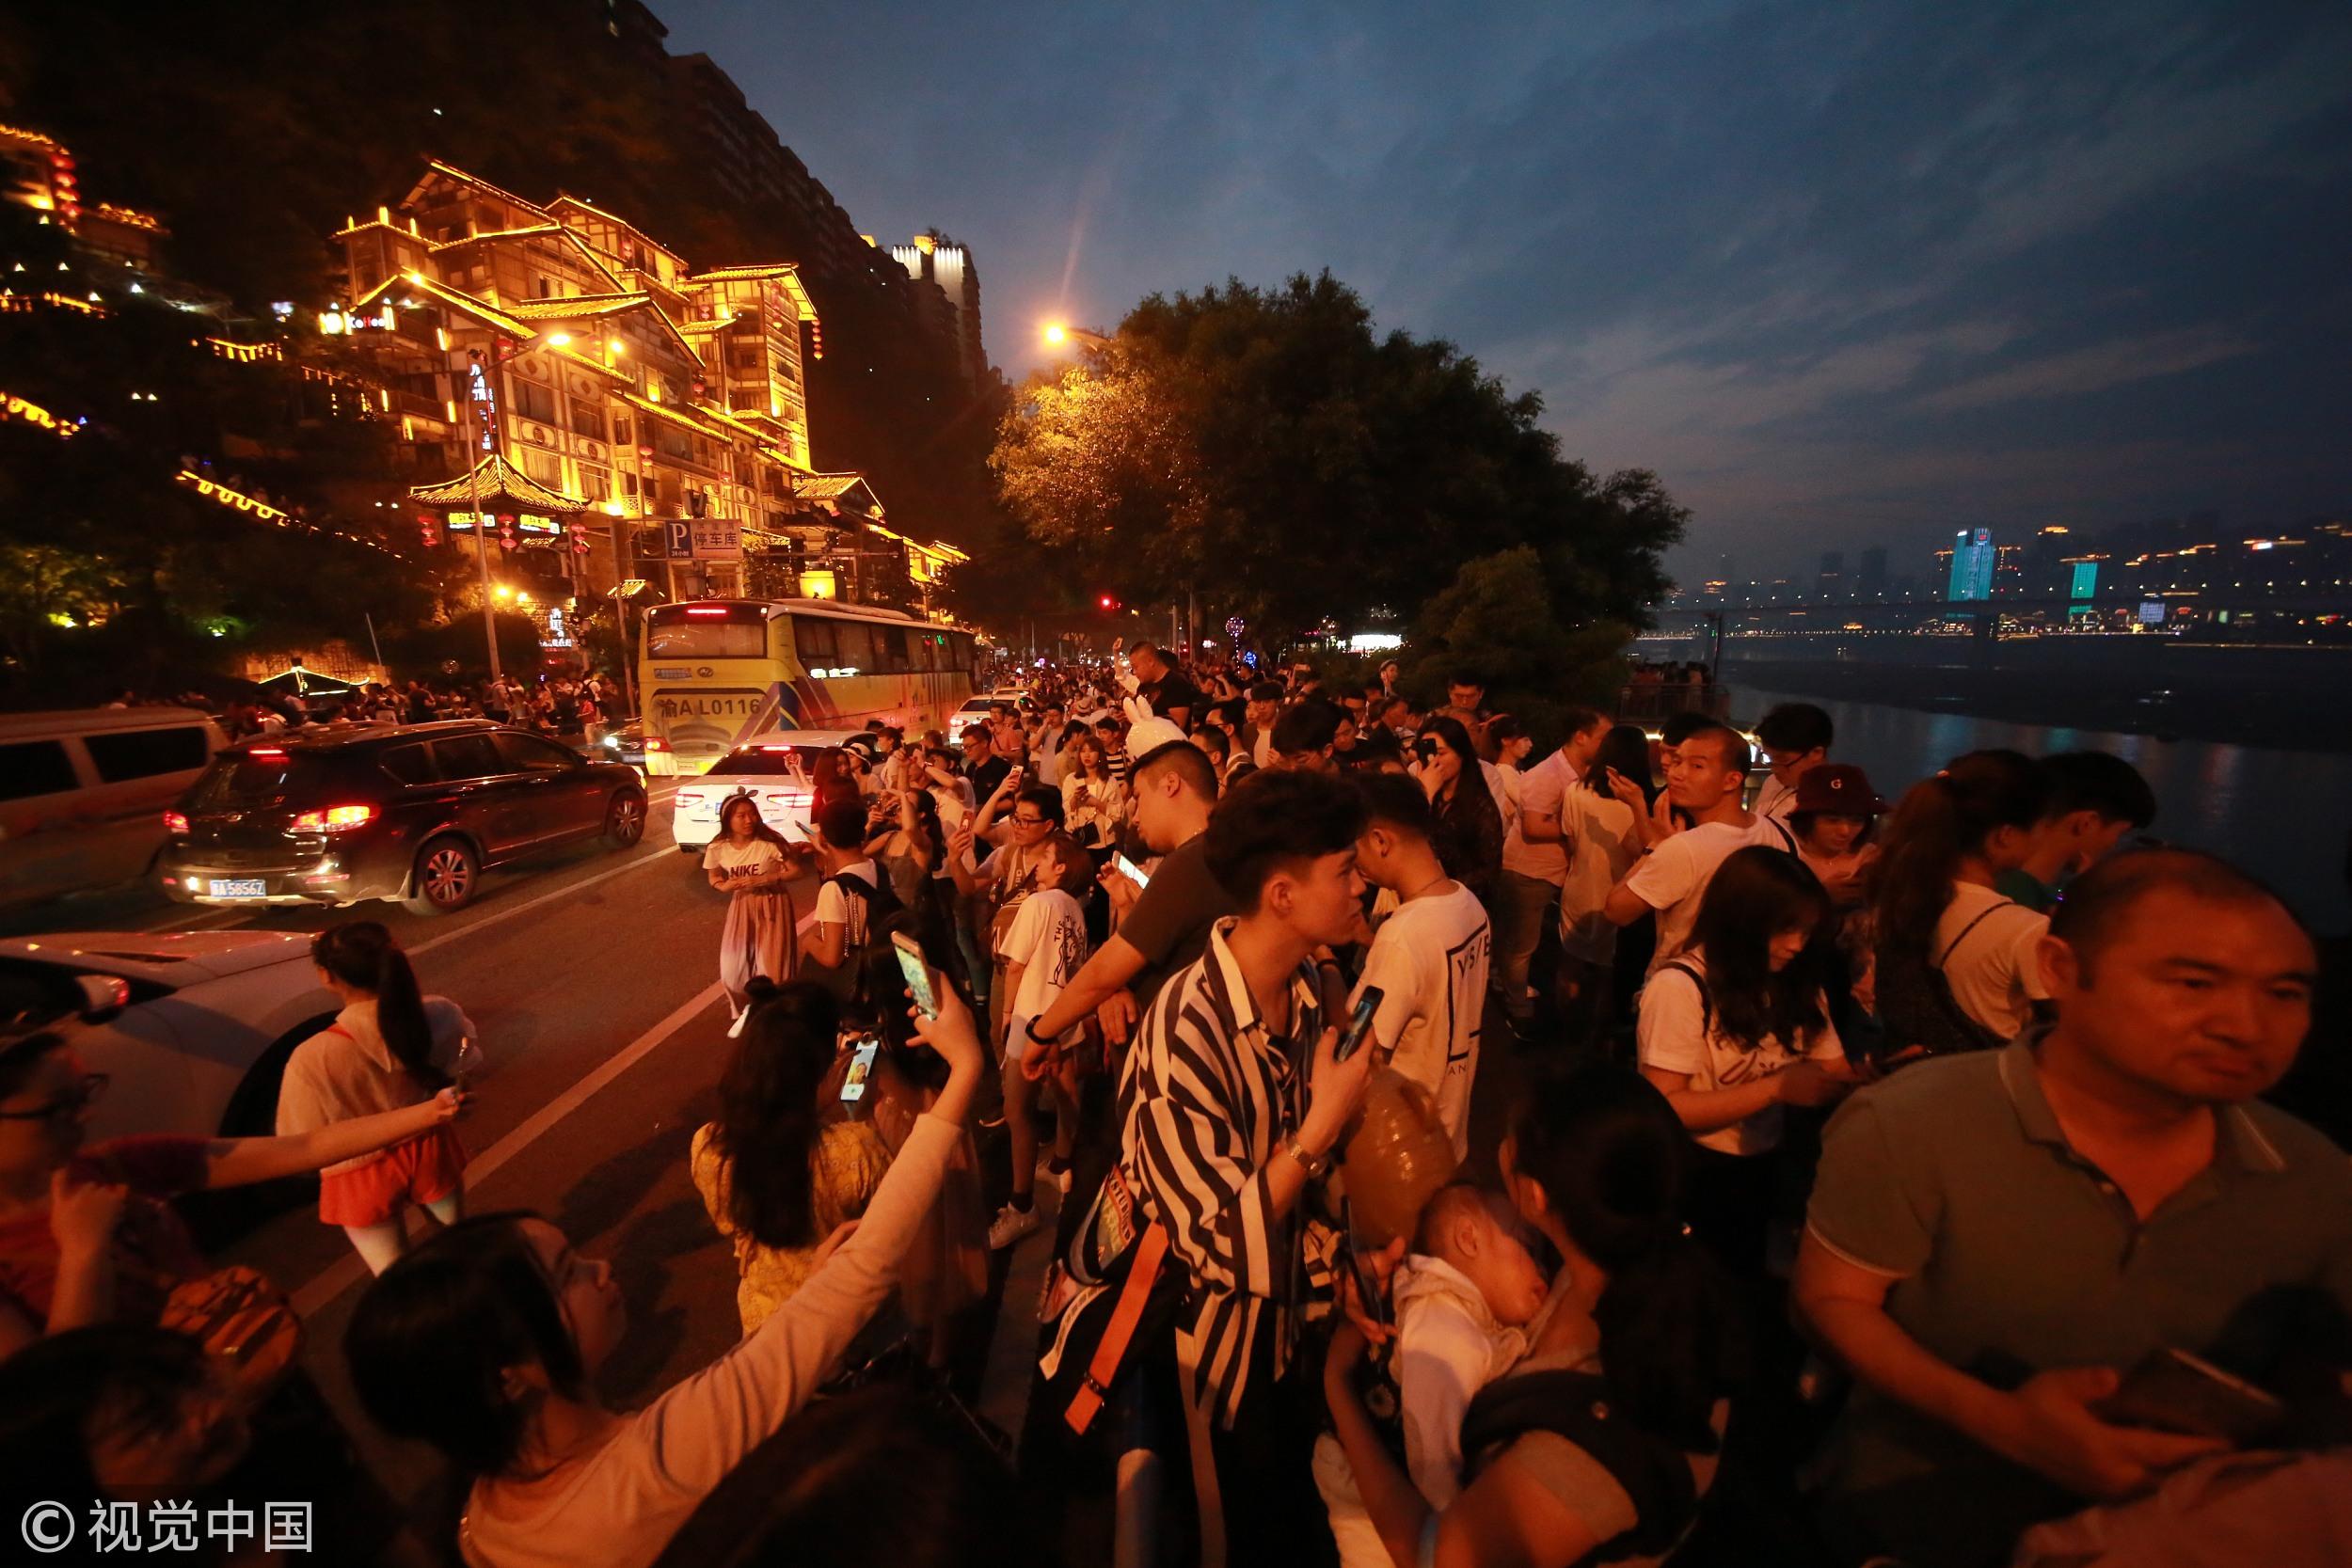 5月1日,重庆洪崖洞景区迎来客流高峰期,游客爆棚。.jpg